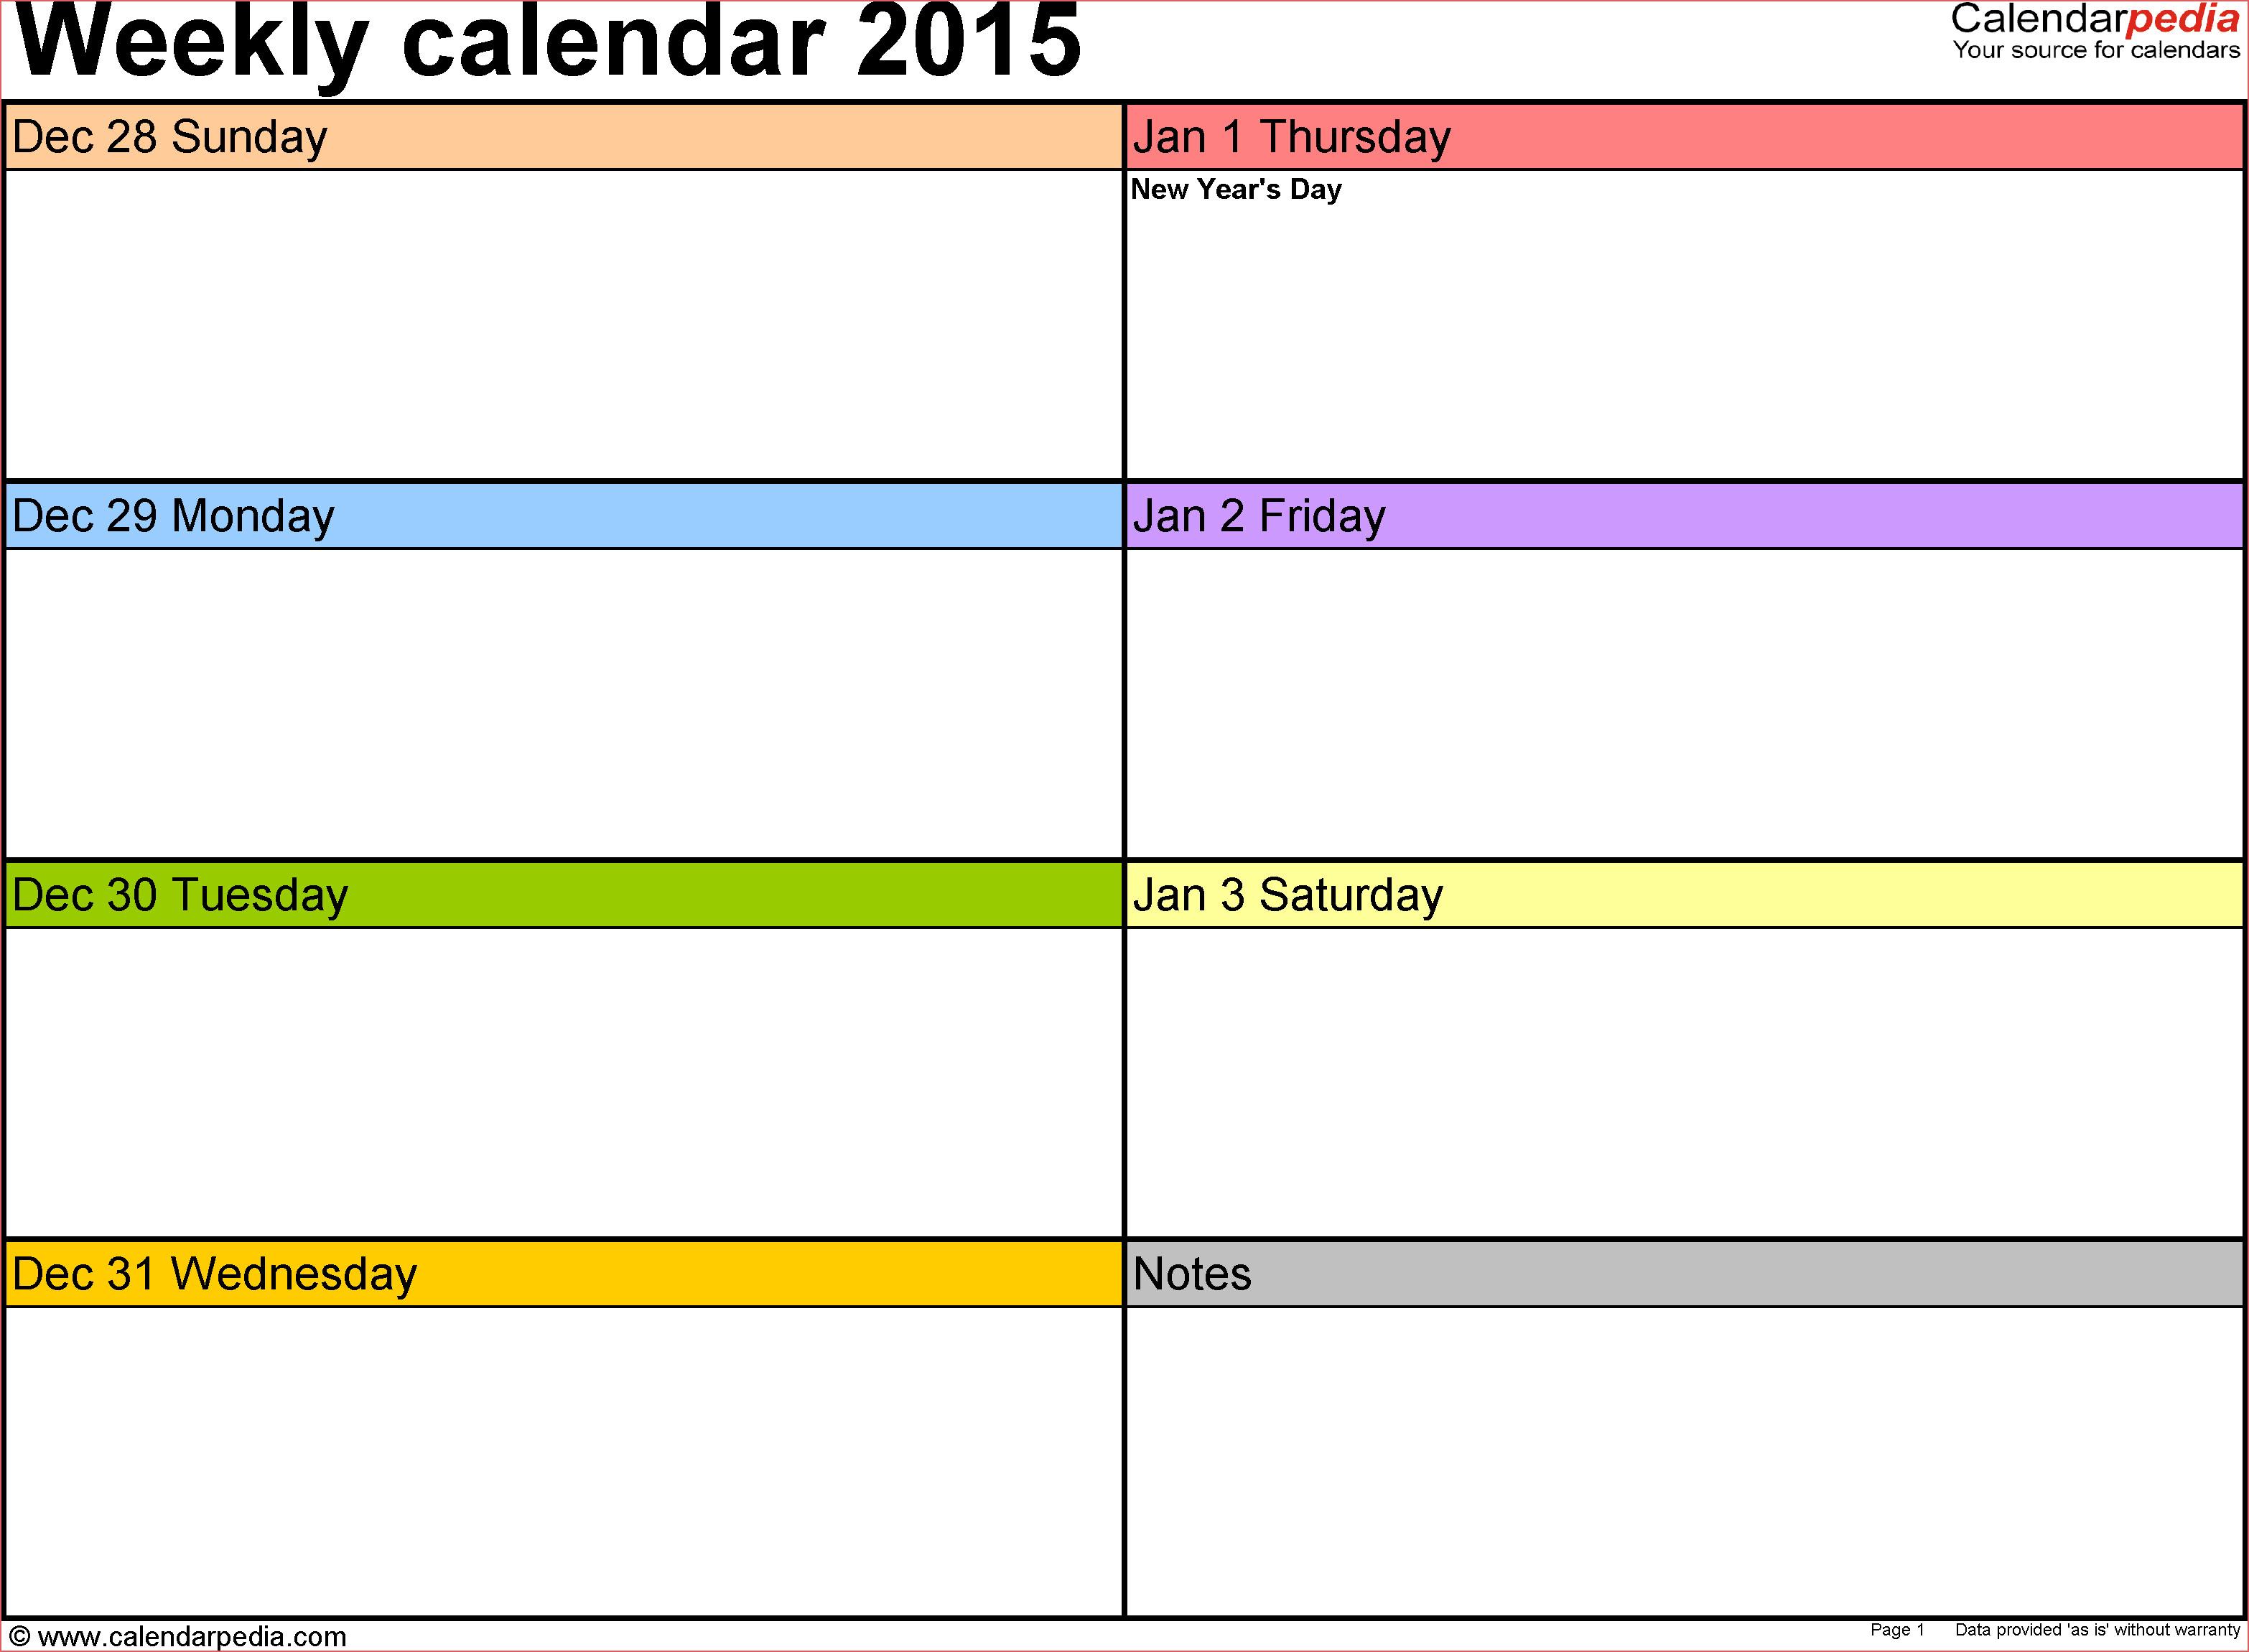 6 Week Printable Calendar 2 Week Blank Calendar Free Calendar throughout 6 Week Printable Blank Calendar